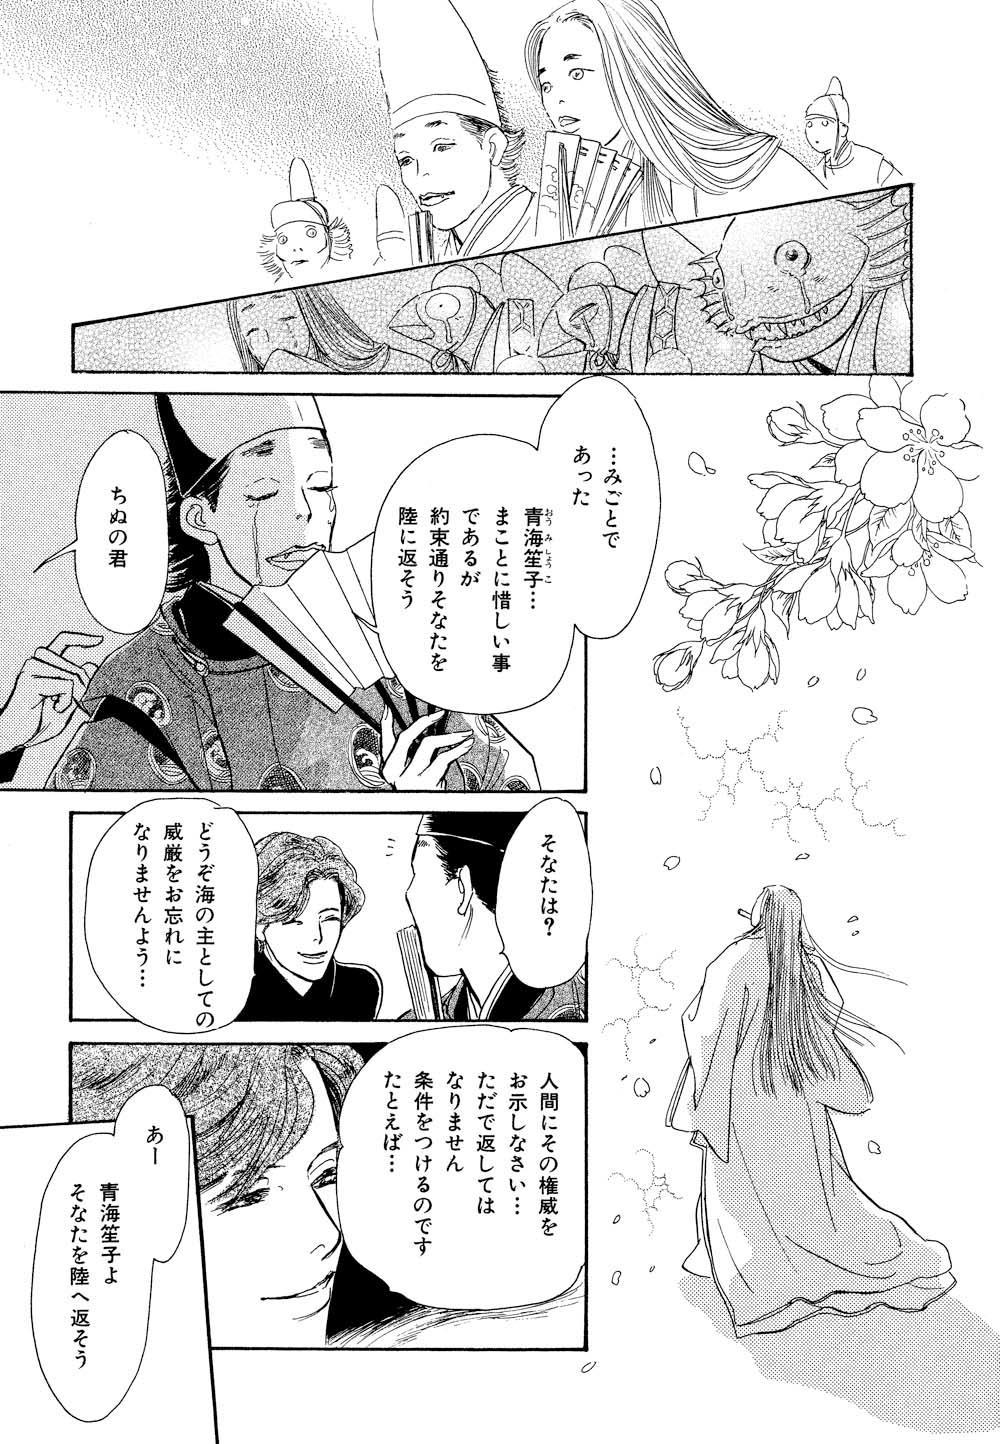 百鬼夜行抄_09_0161.jpg